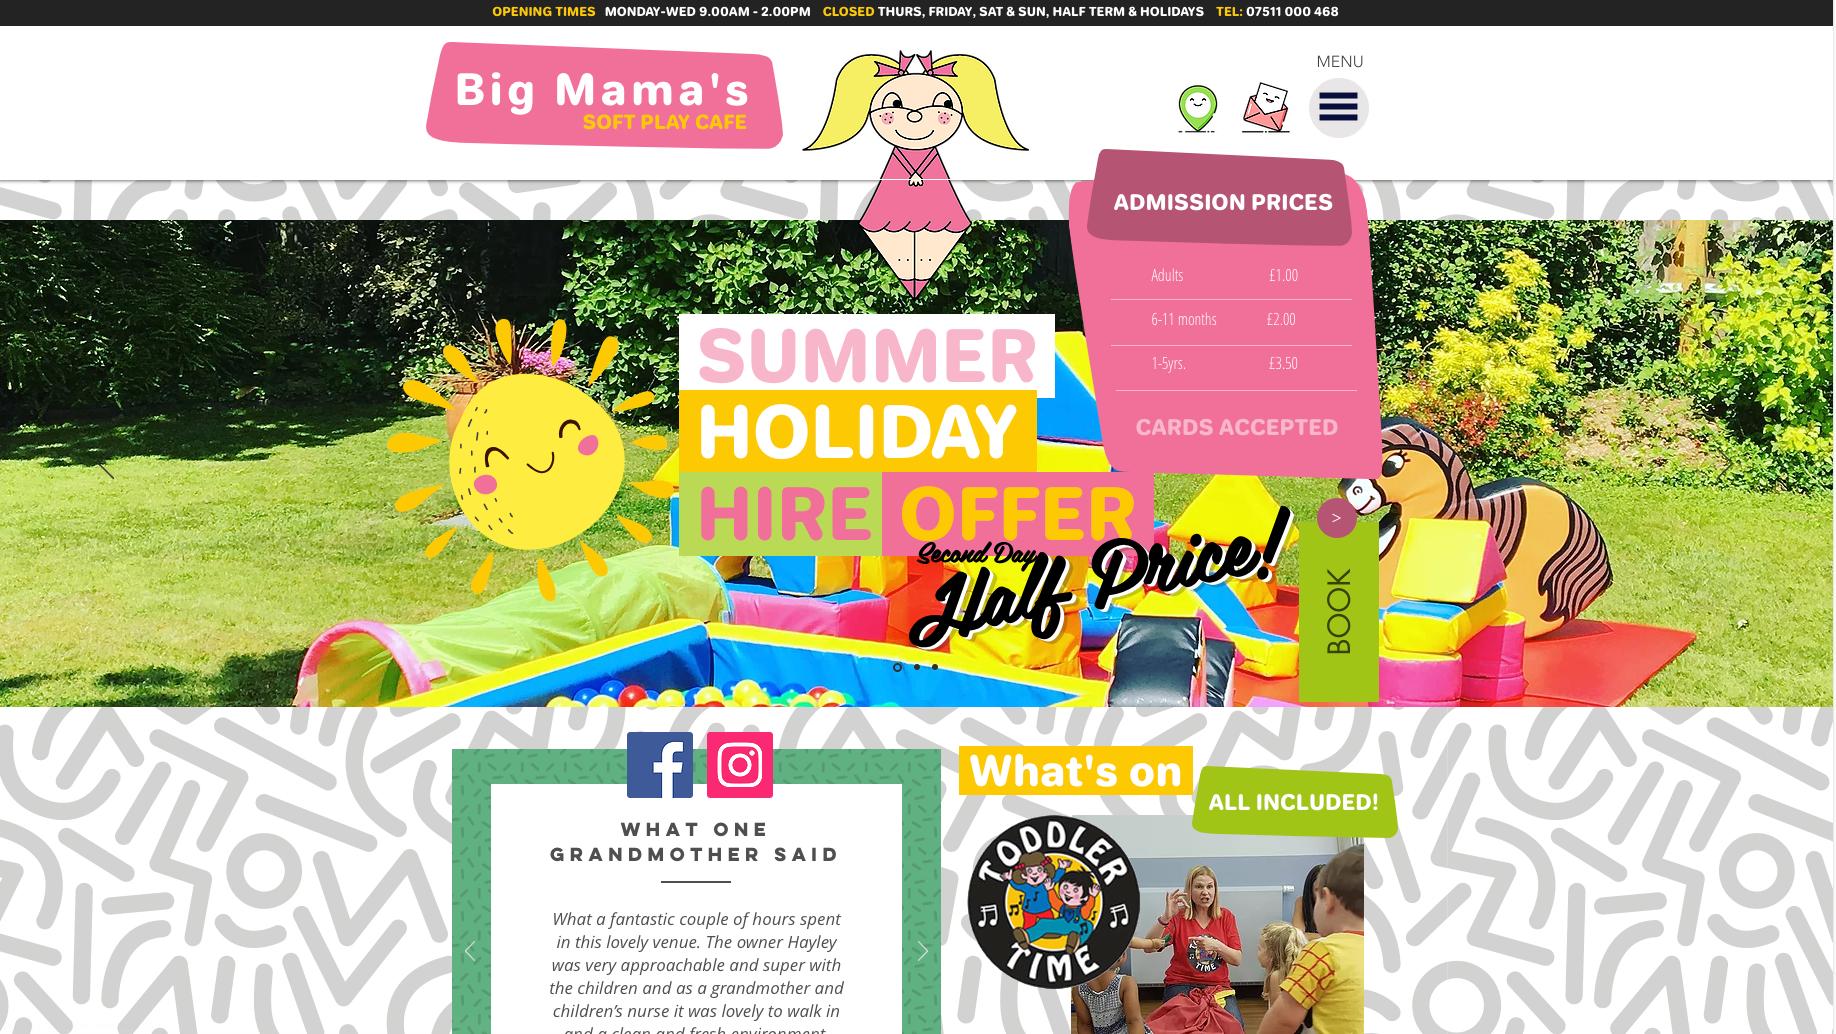 Big Mama's Soft Play Cafe - website design